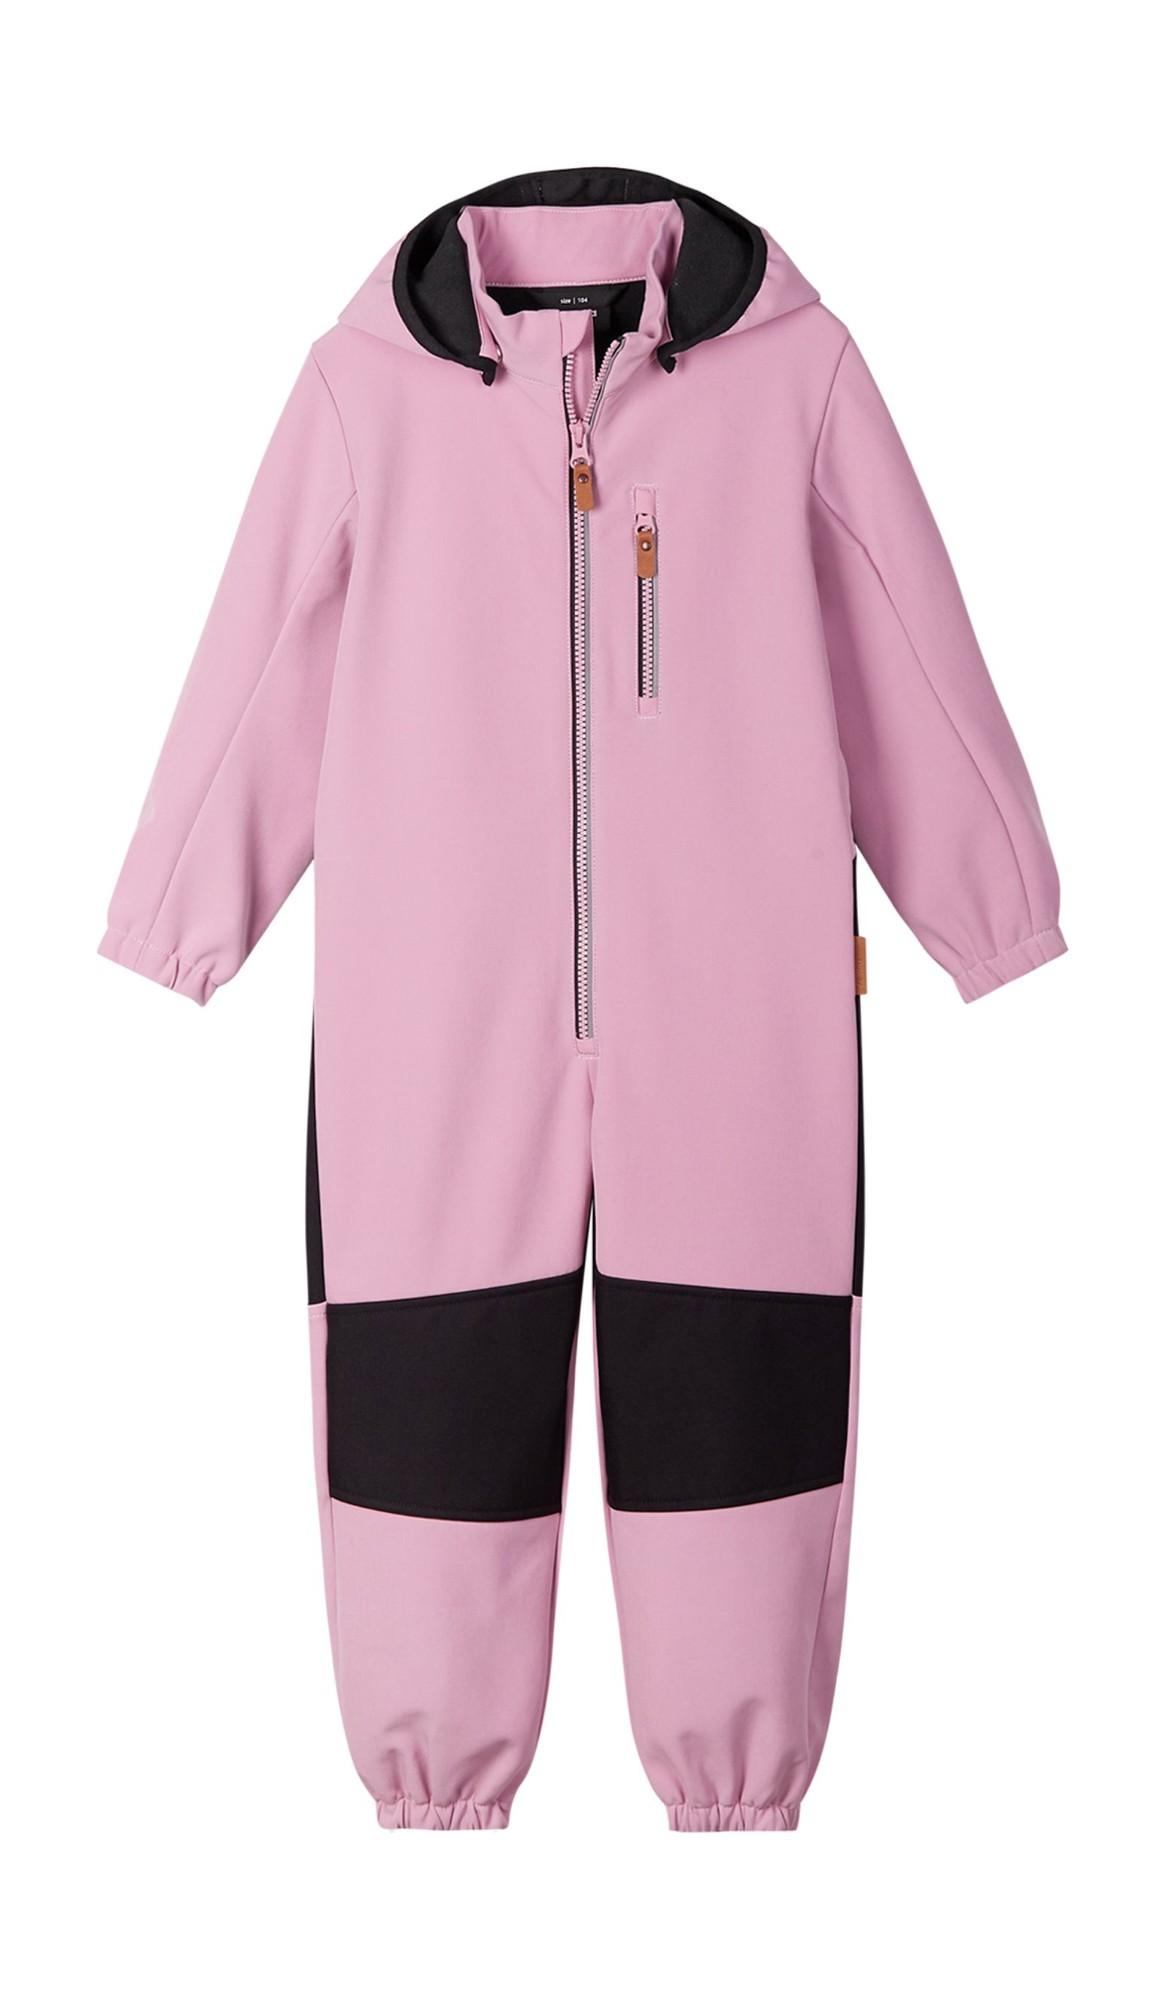 REIMA Nurmes Rosy Pink 128